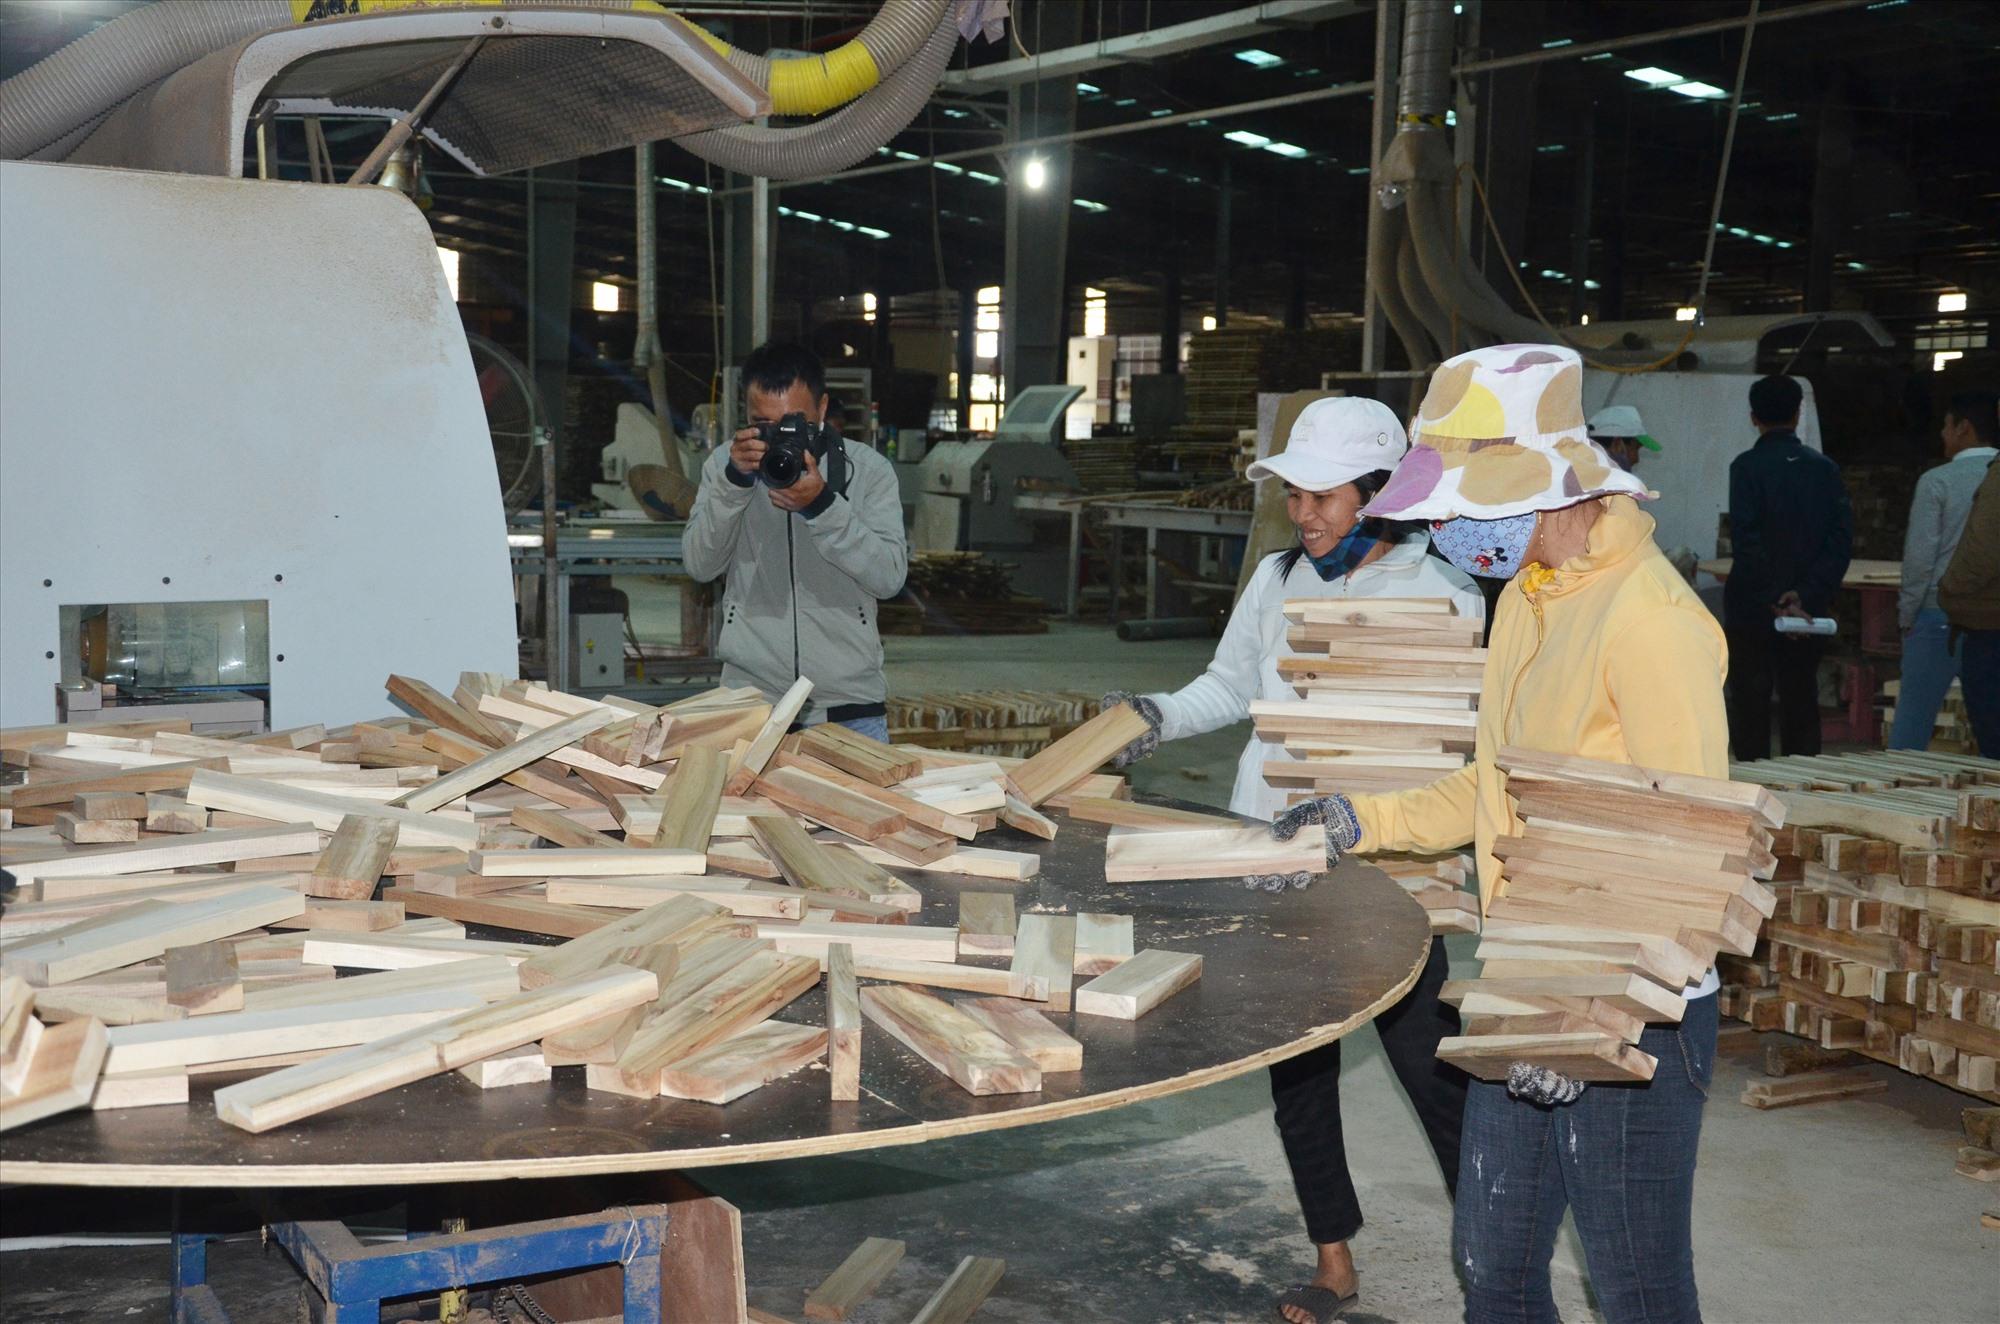 Phát triển mạnh rừng trồng gỗ lớn phục vụ chế biến là chủ trương được ngành lâm nghiệp tiếp tục quan tâm trong năm 2021. Ảnh: H.P